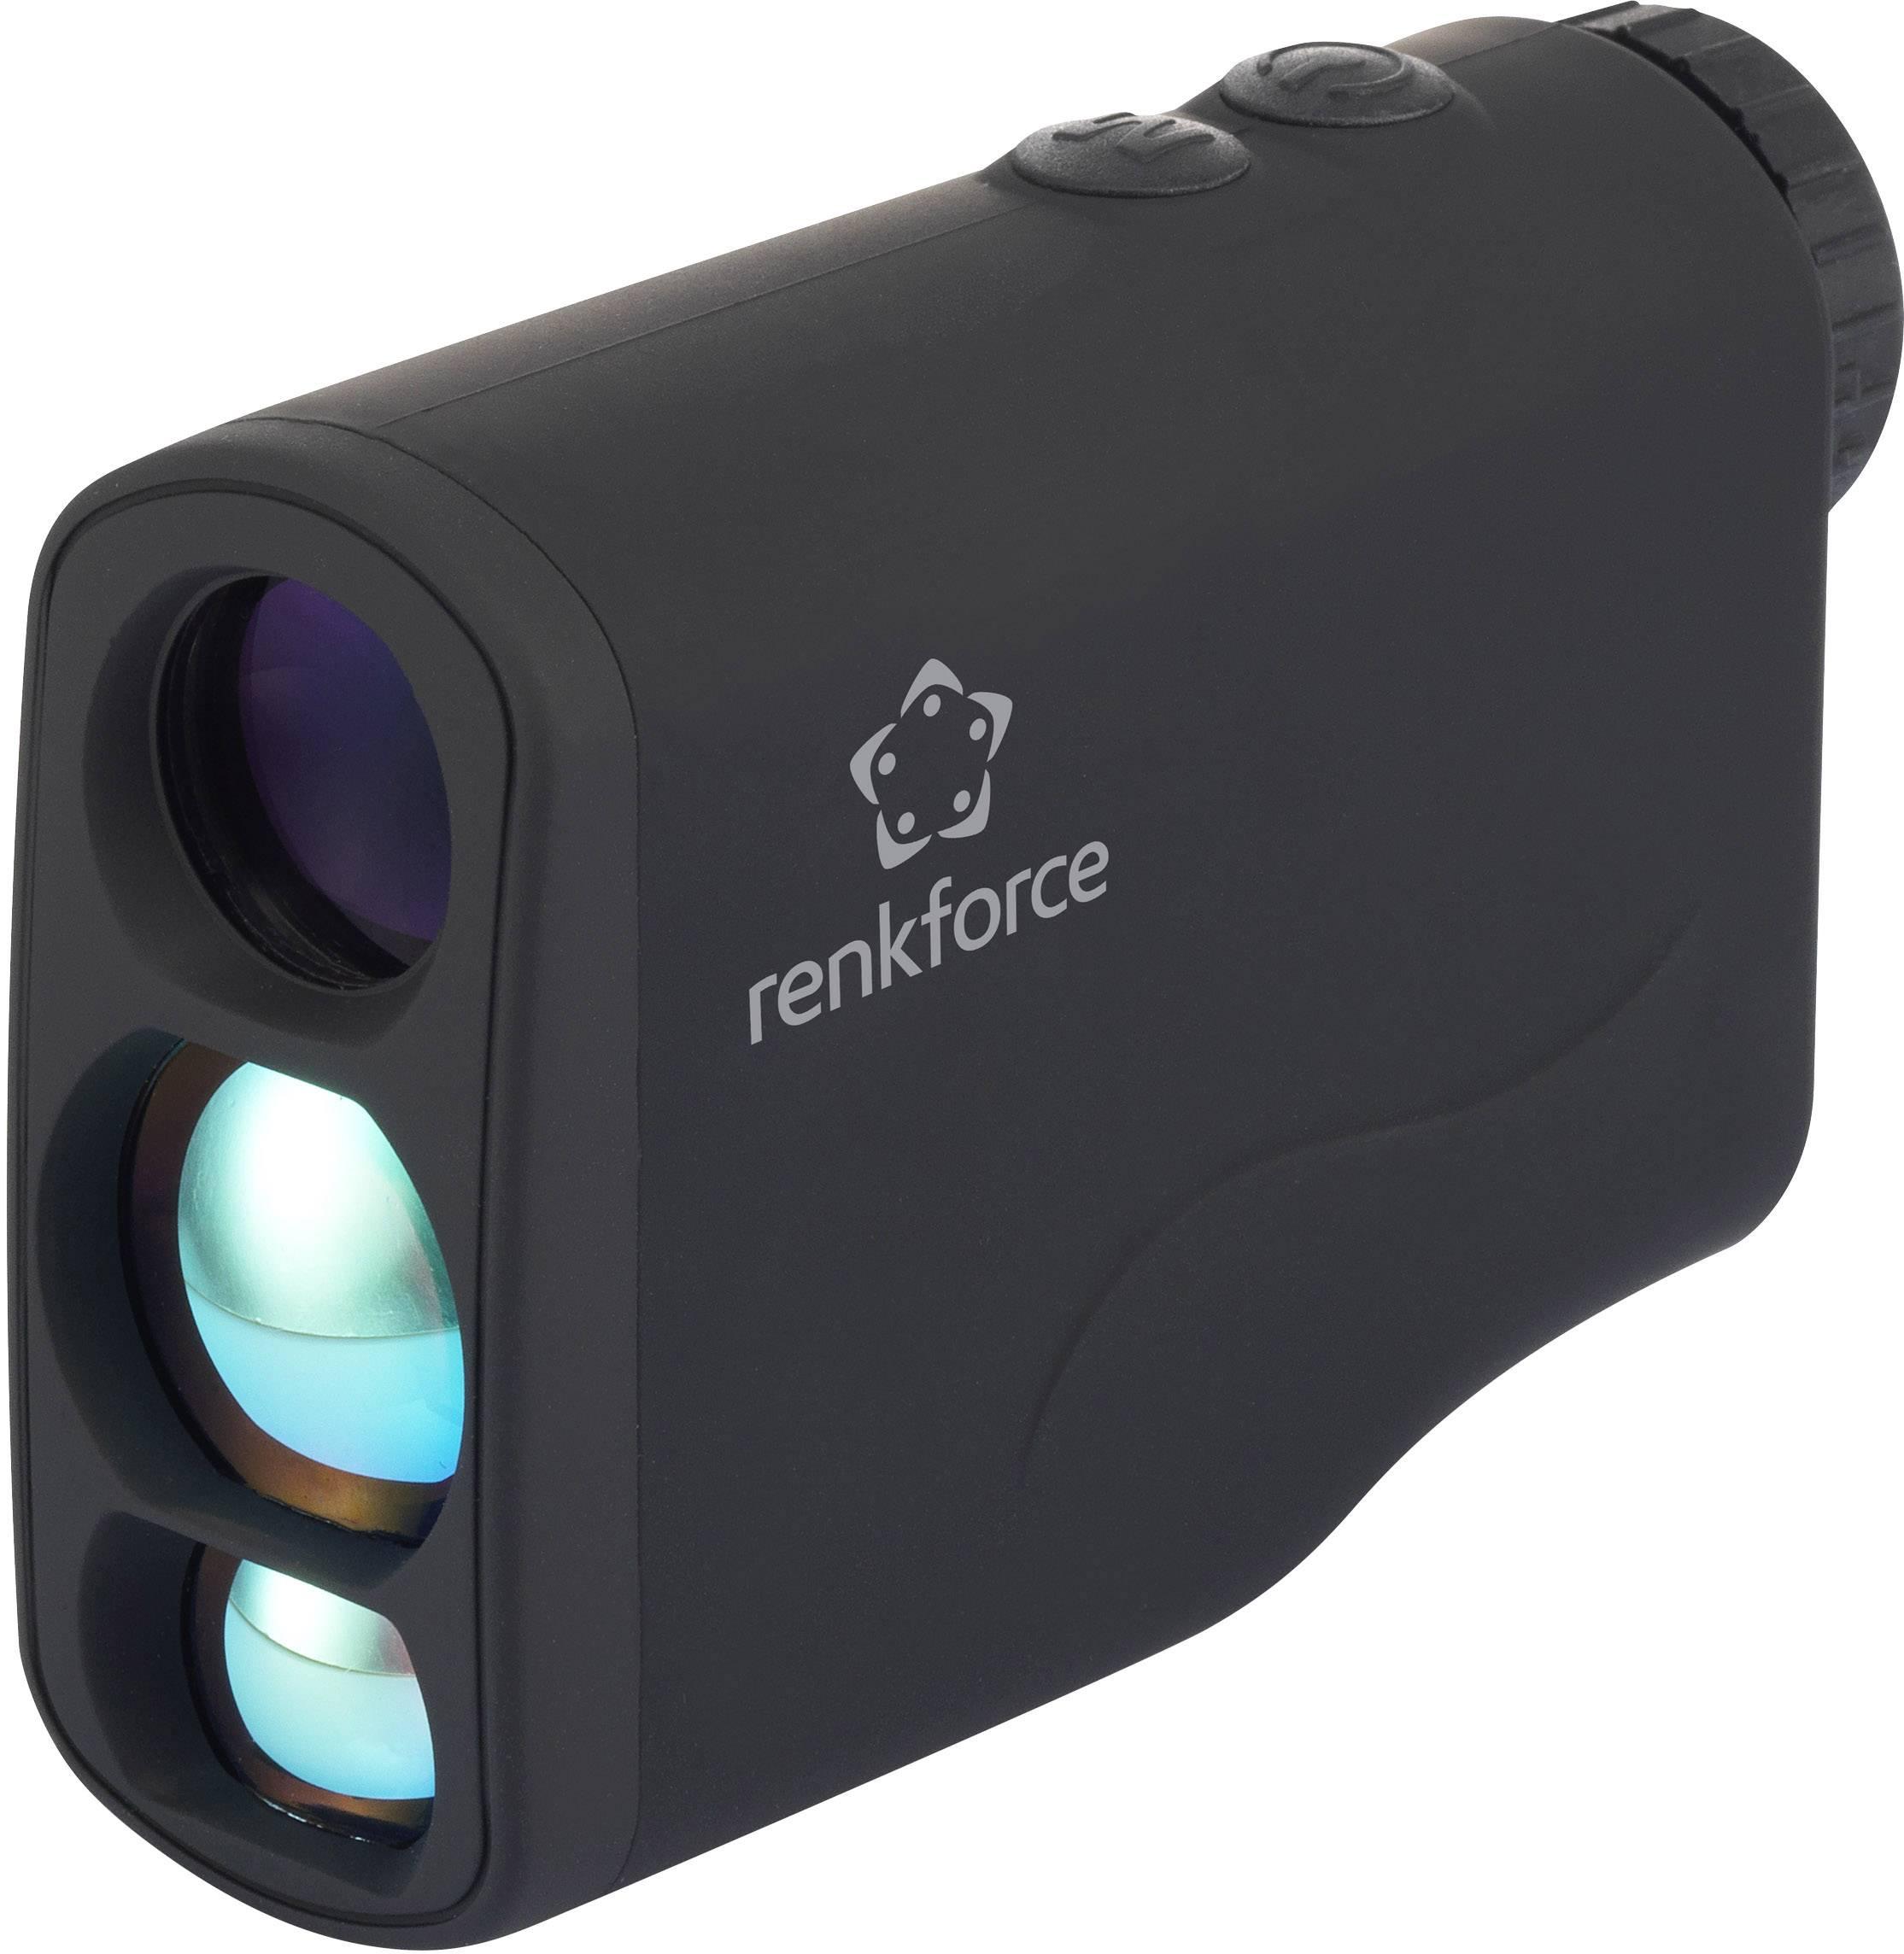 Merač vzdialenosti Renkforce Distanz- & Geschwindigkeitsmesser, 6 x 21 mm, 5 do 1000 m